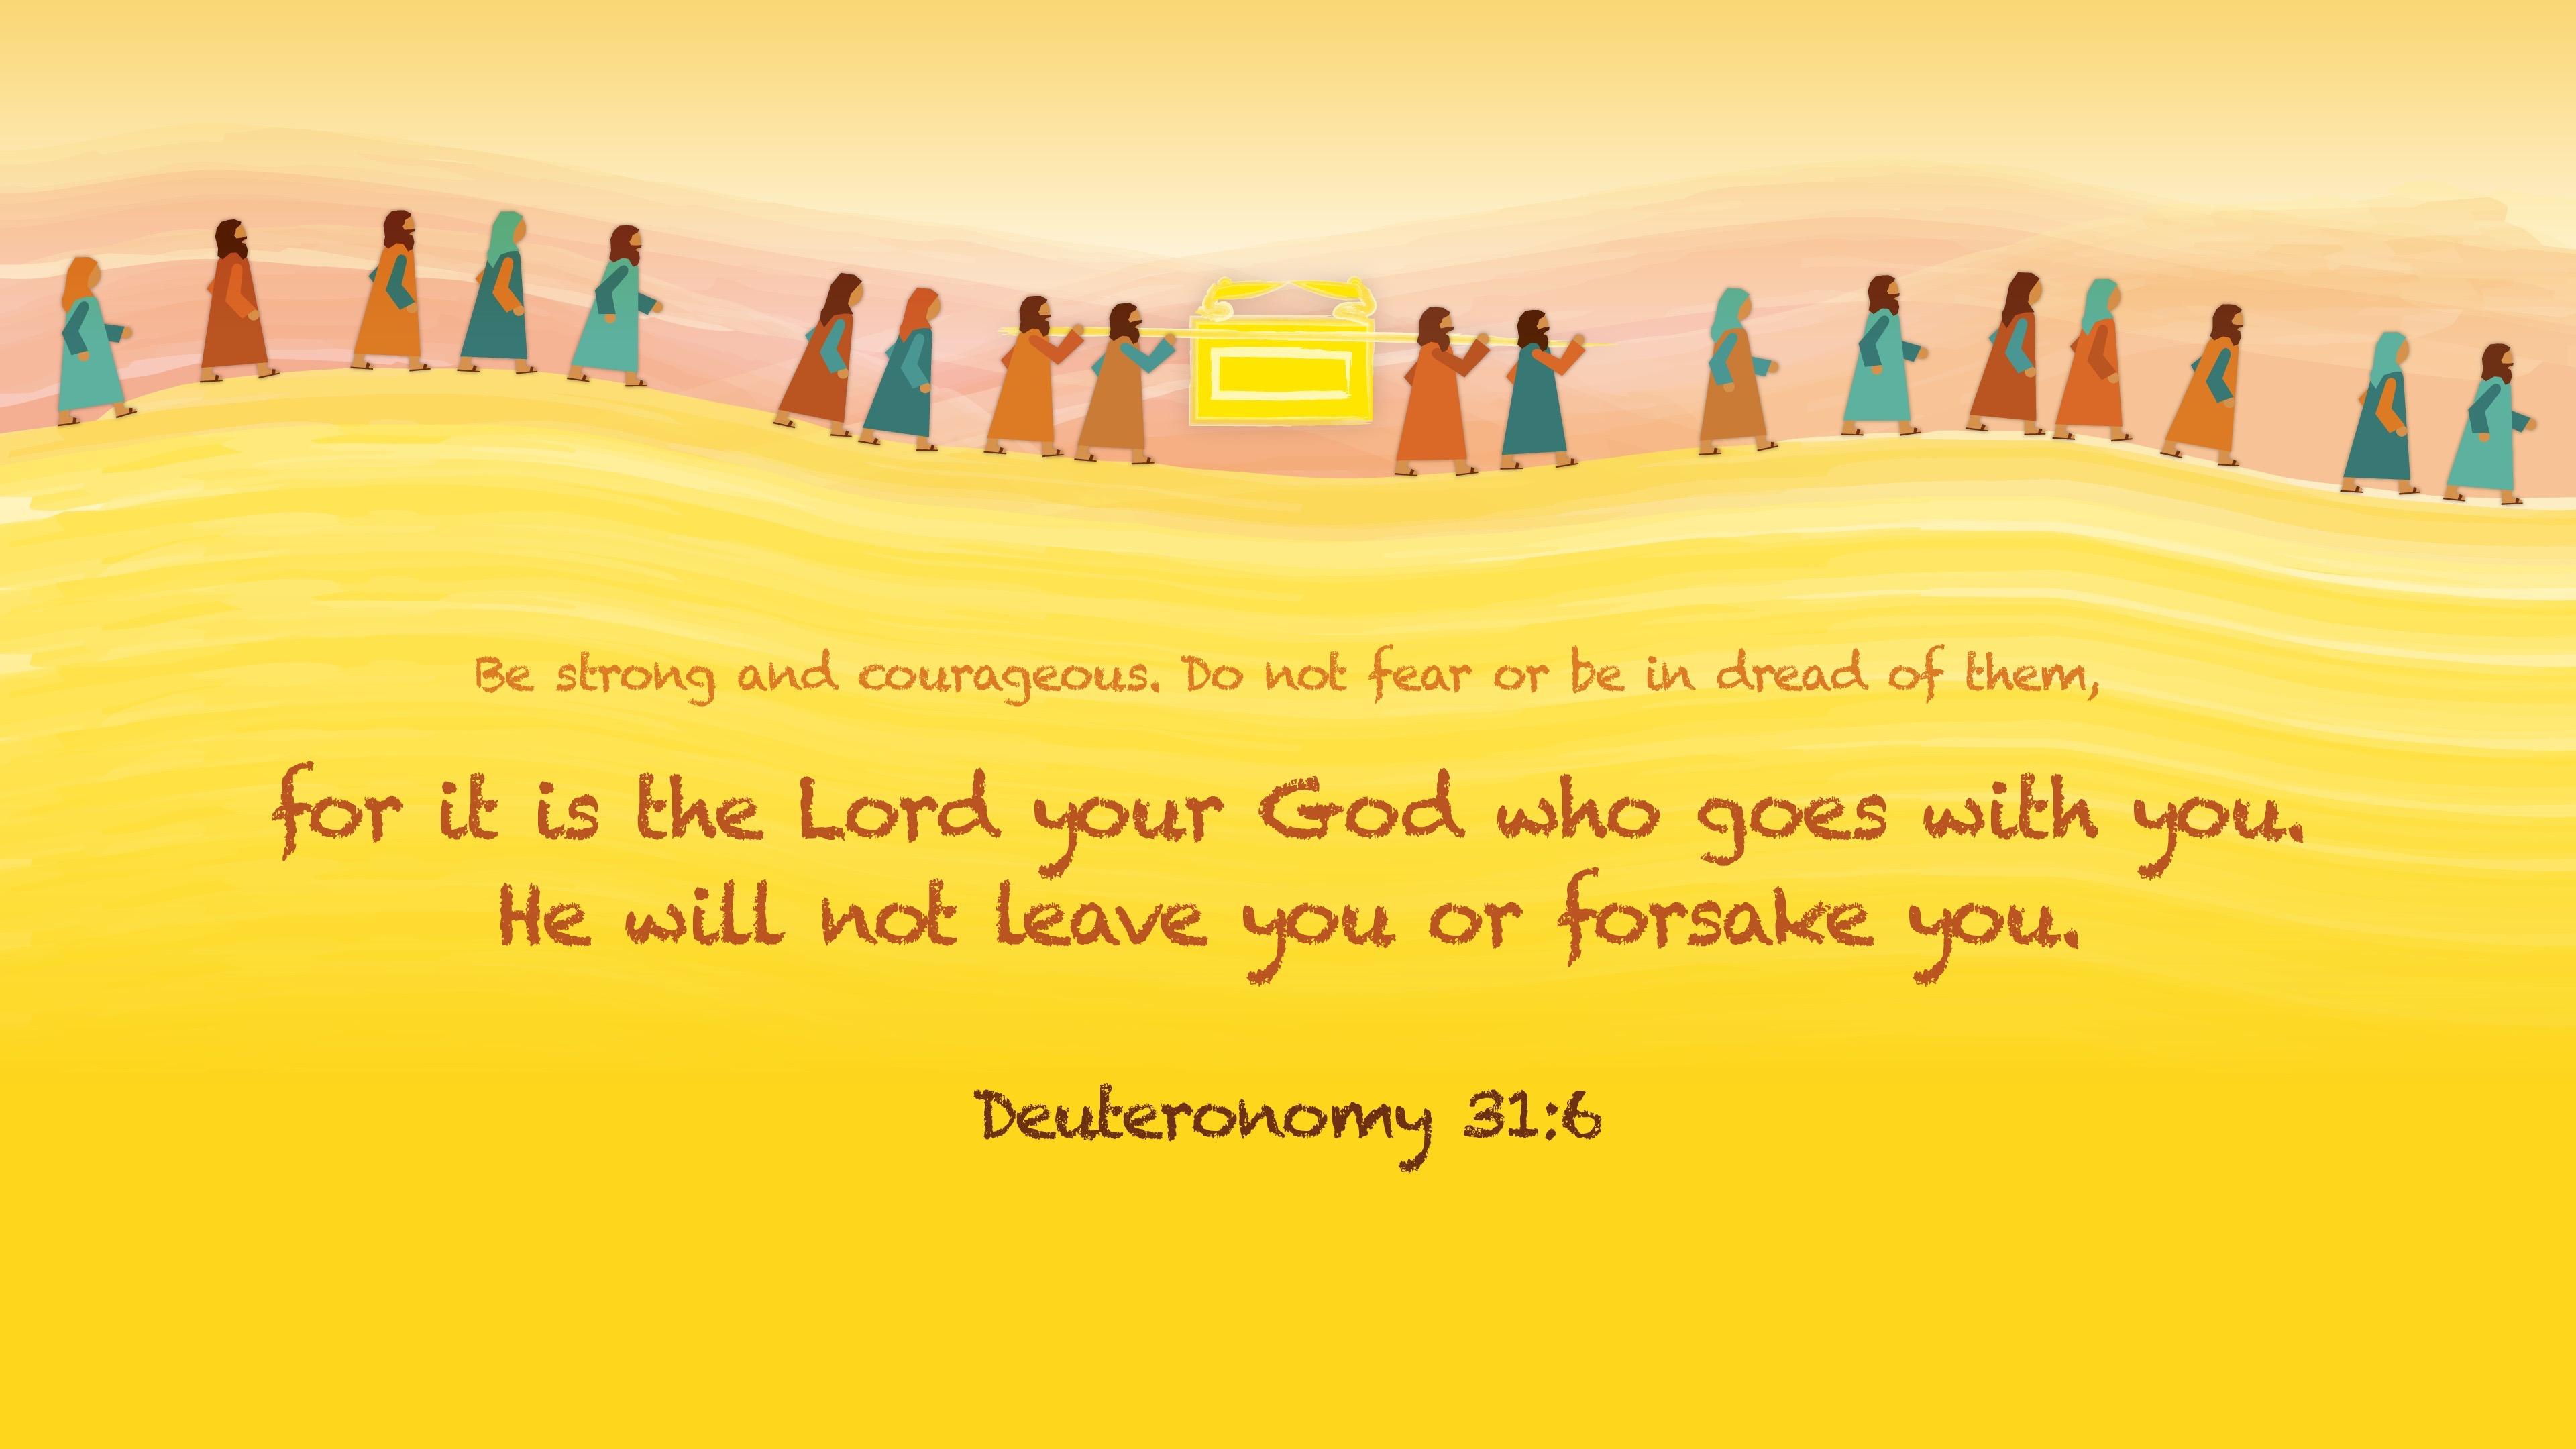 Deuteronomy 31:6 Graphic